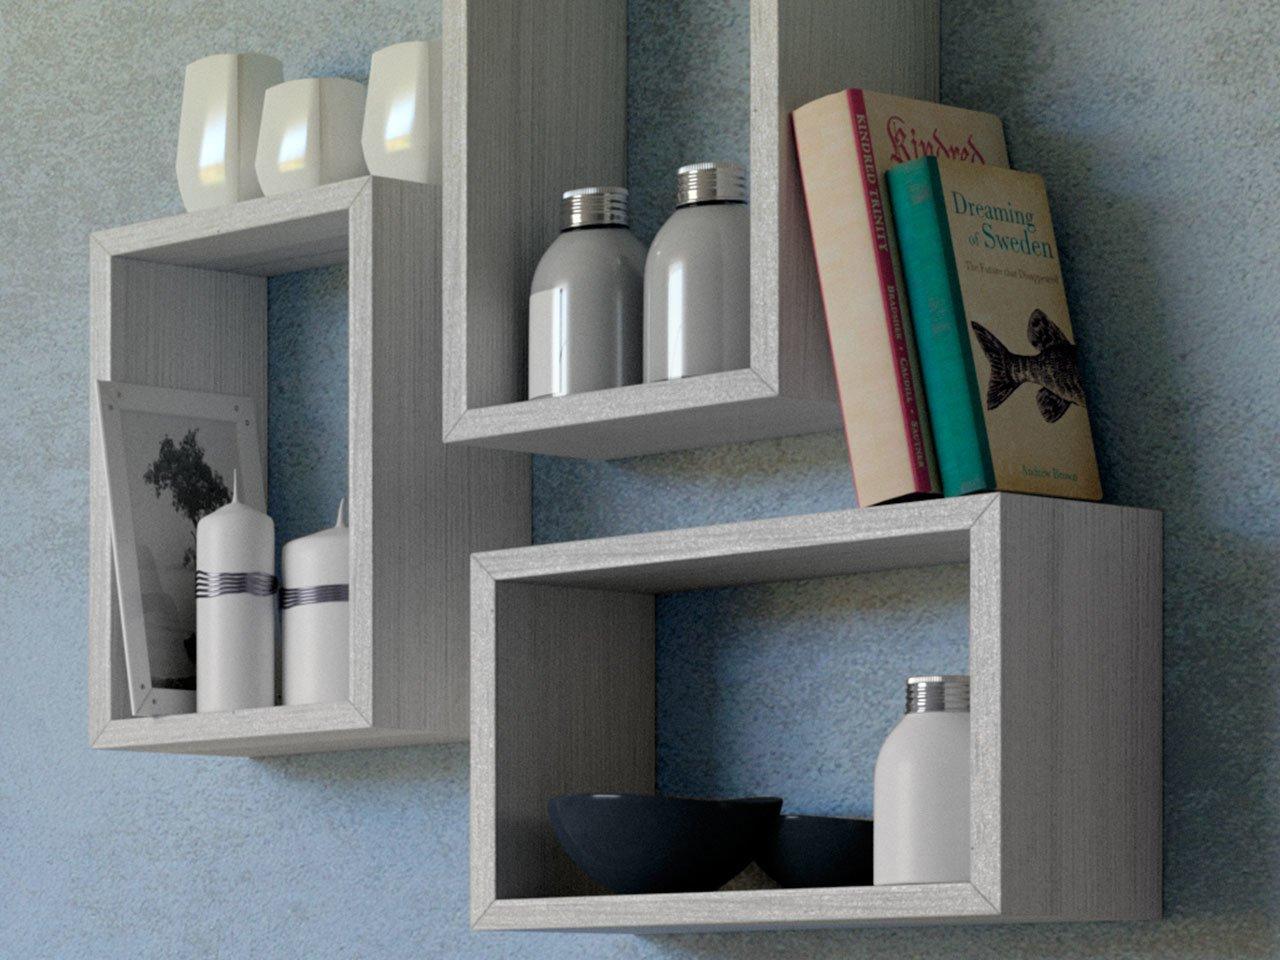 Mobili per bagno offerte roma design casa creativa e mobili ispiratori - Mobili per bagno mondo convenienza ...